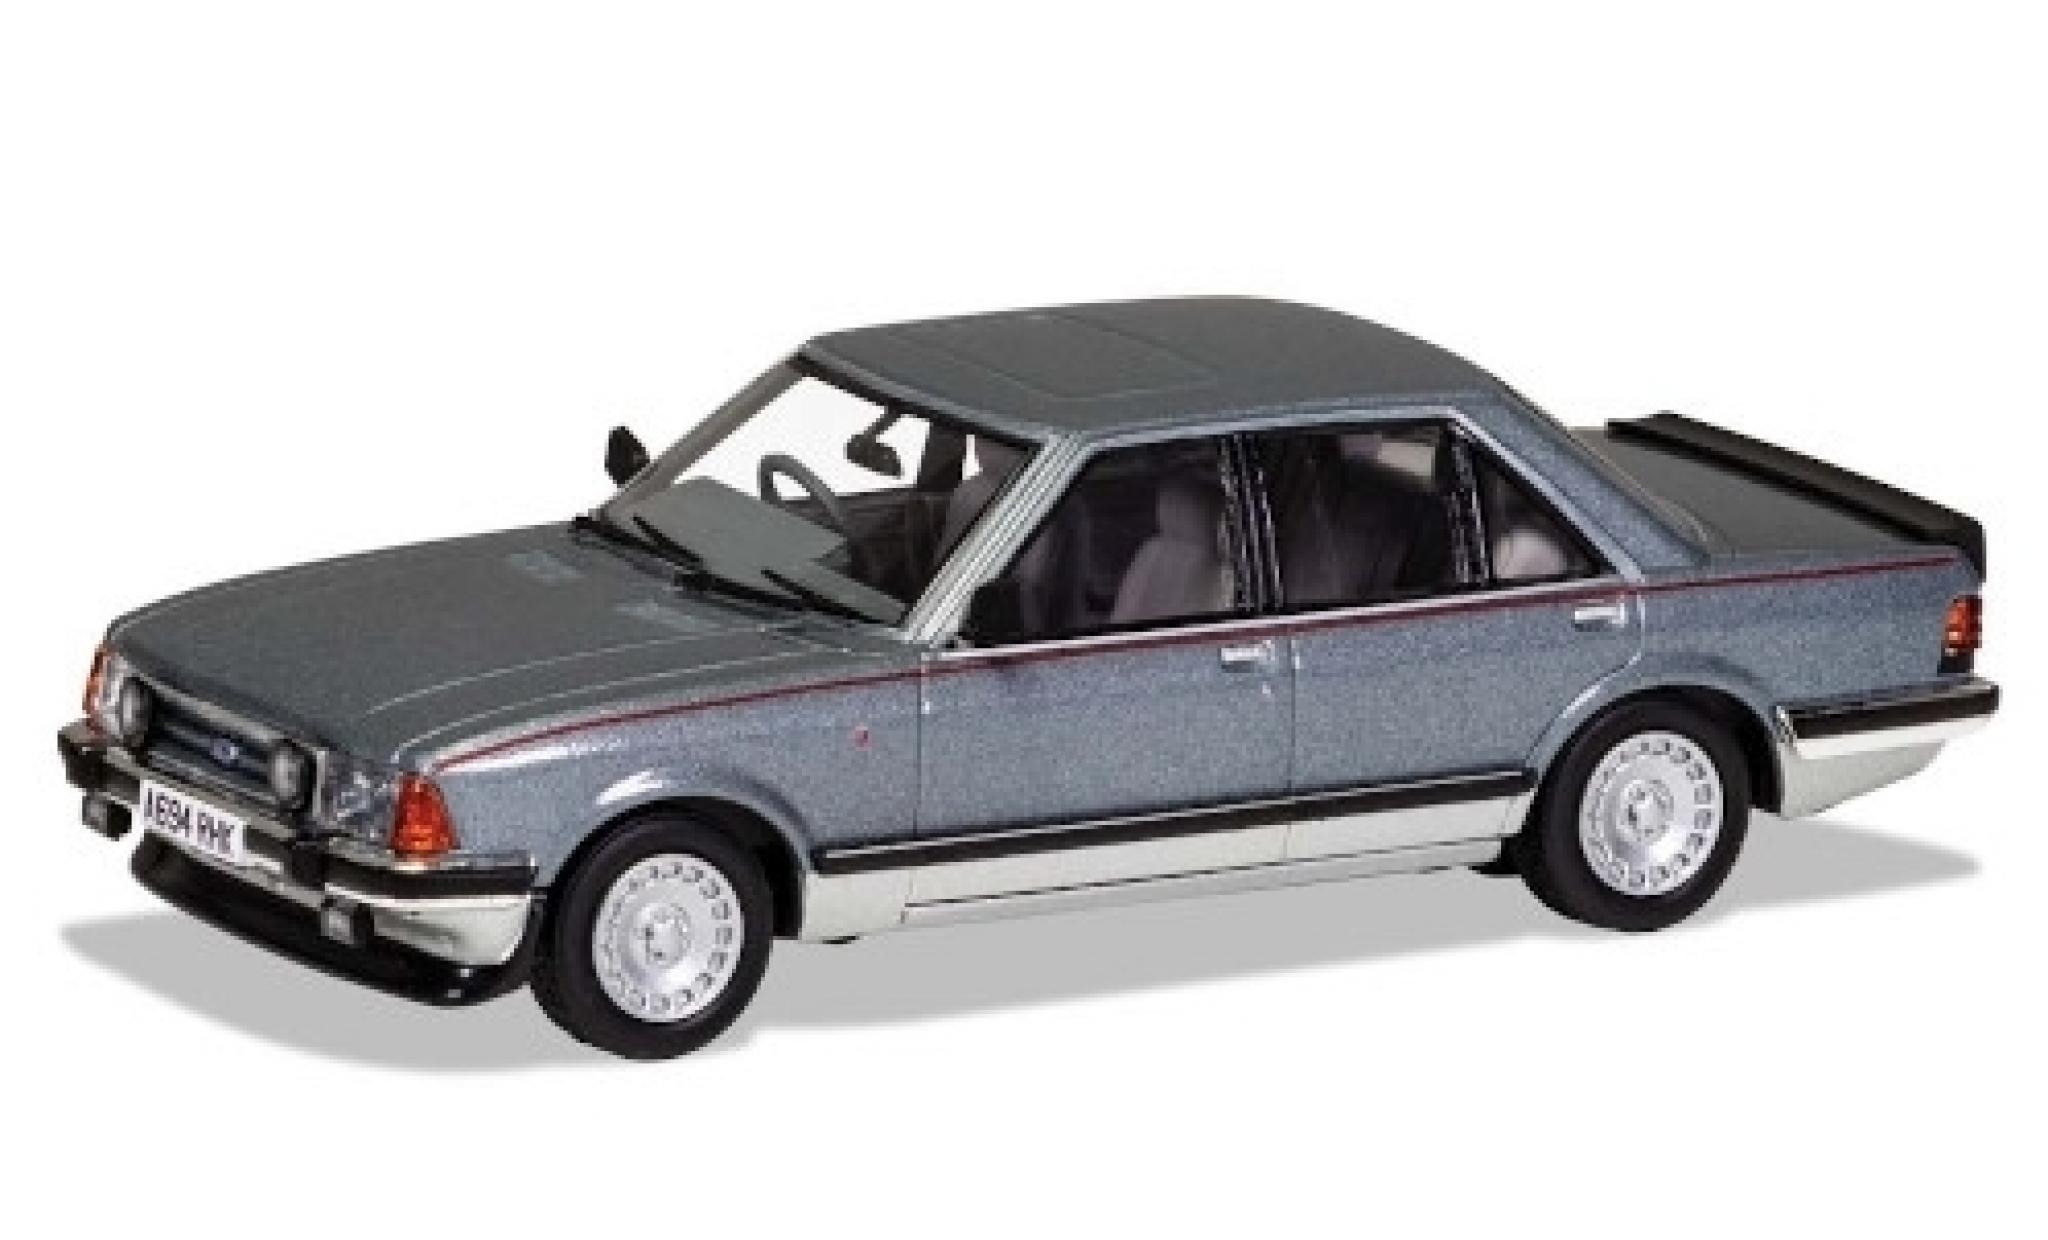 Ford Granada 1/43 Vanguards Mk II 2.8i Ghia X metallise grise/grise RHD 1983